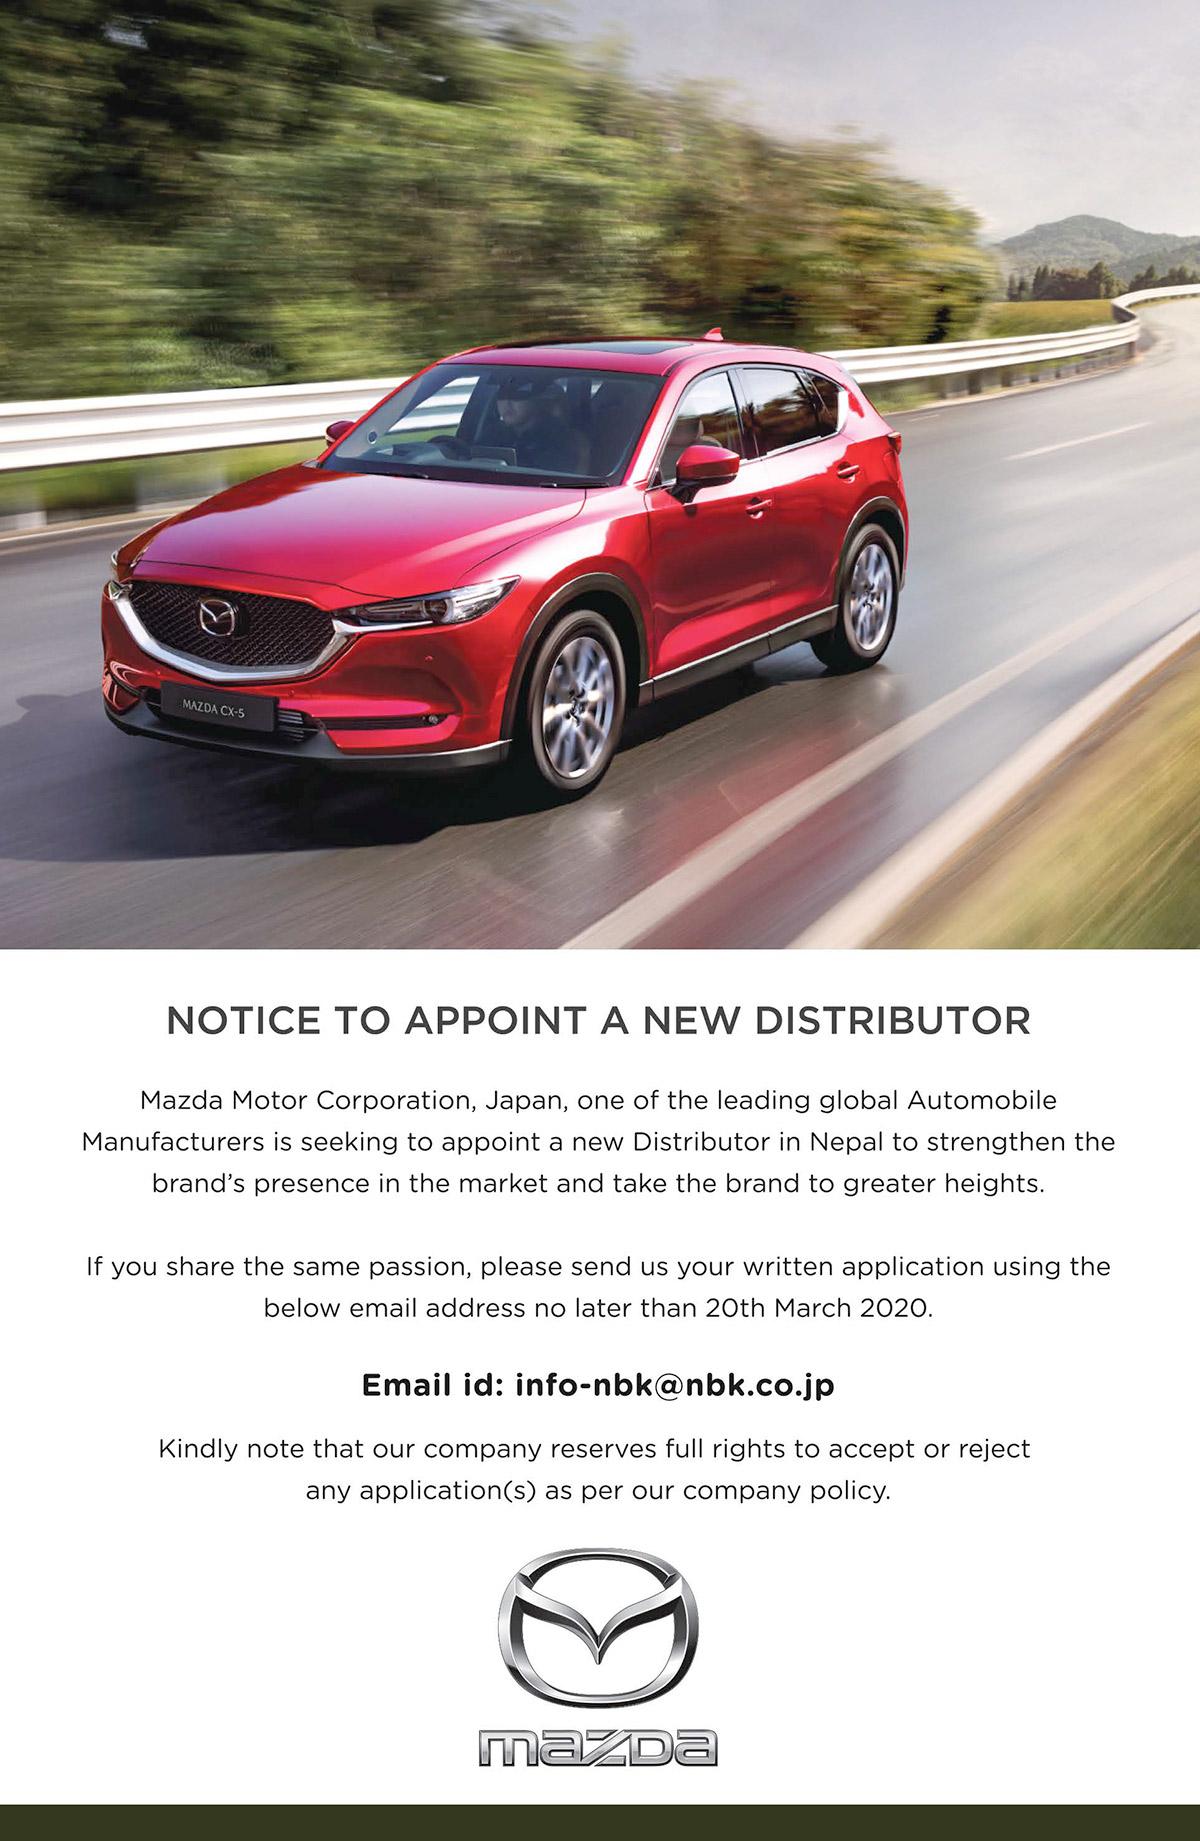 Mazda Nepal New Dealership Application Image1